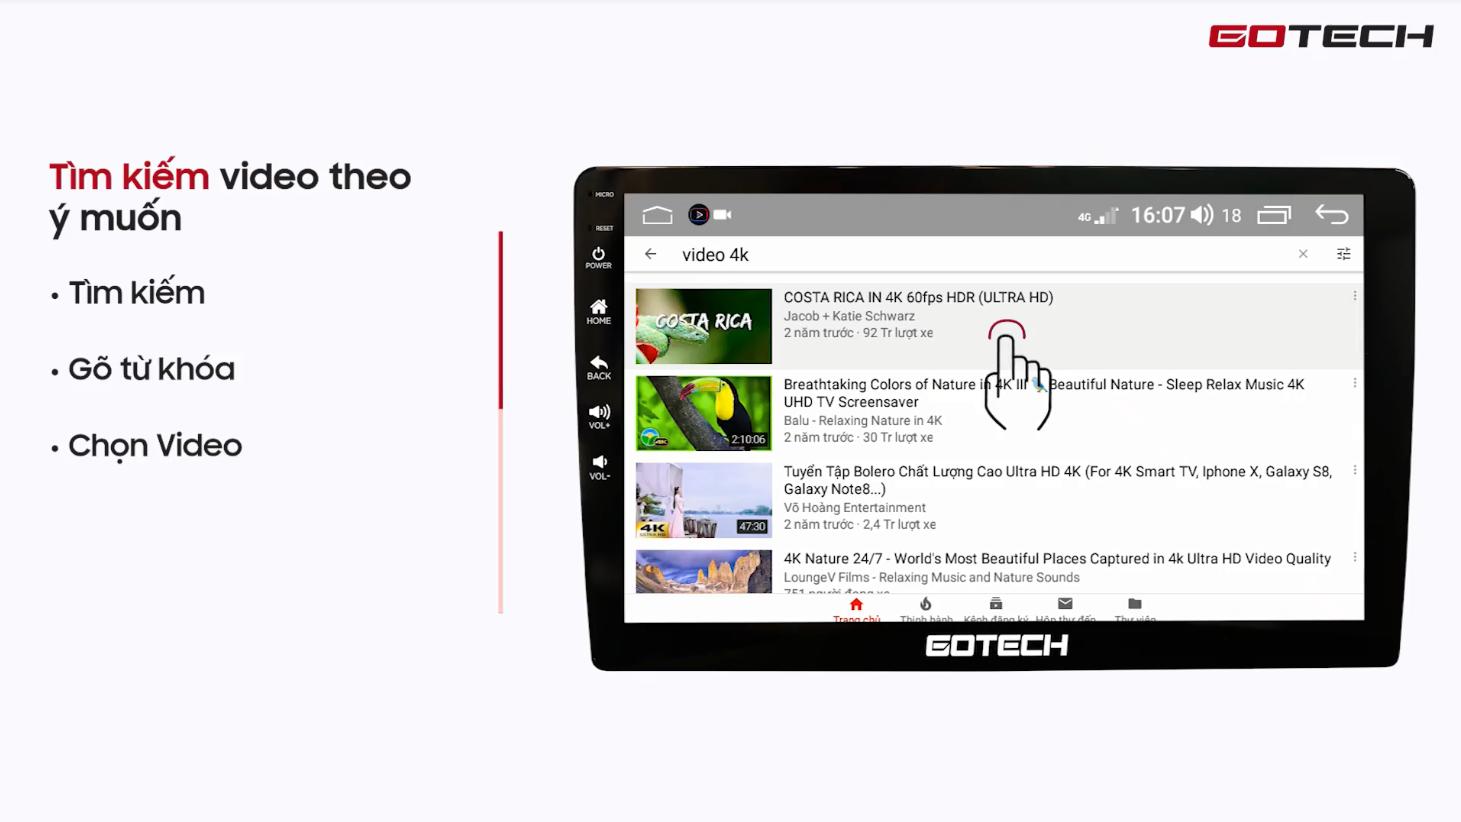 Hướng dẫn sử dụng youtube trên màn hình Gotech